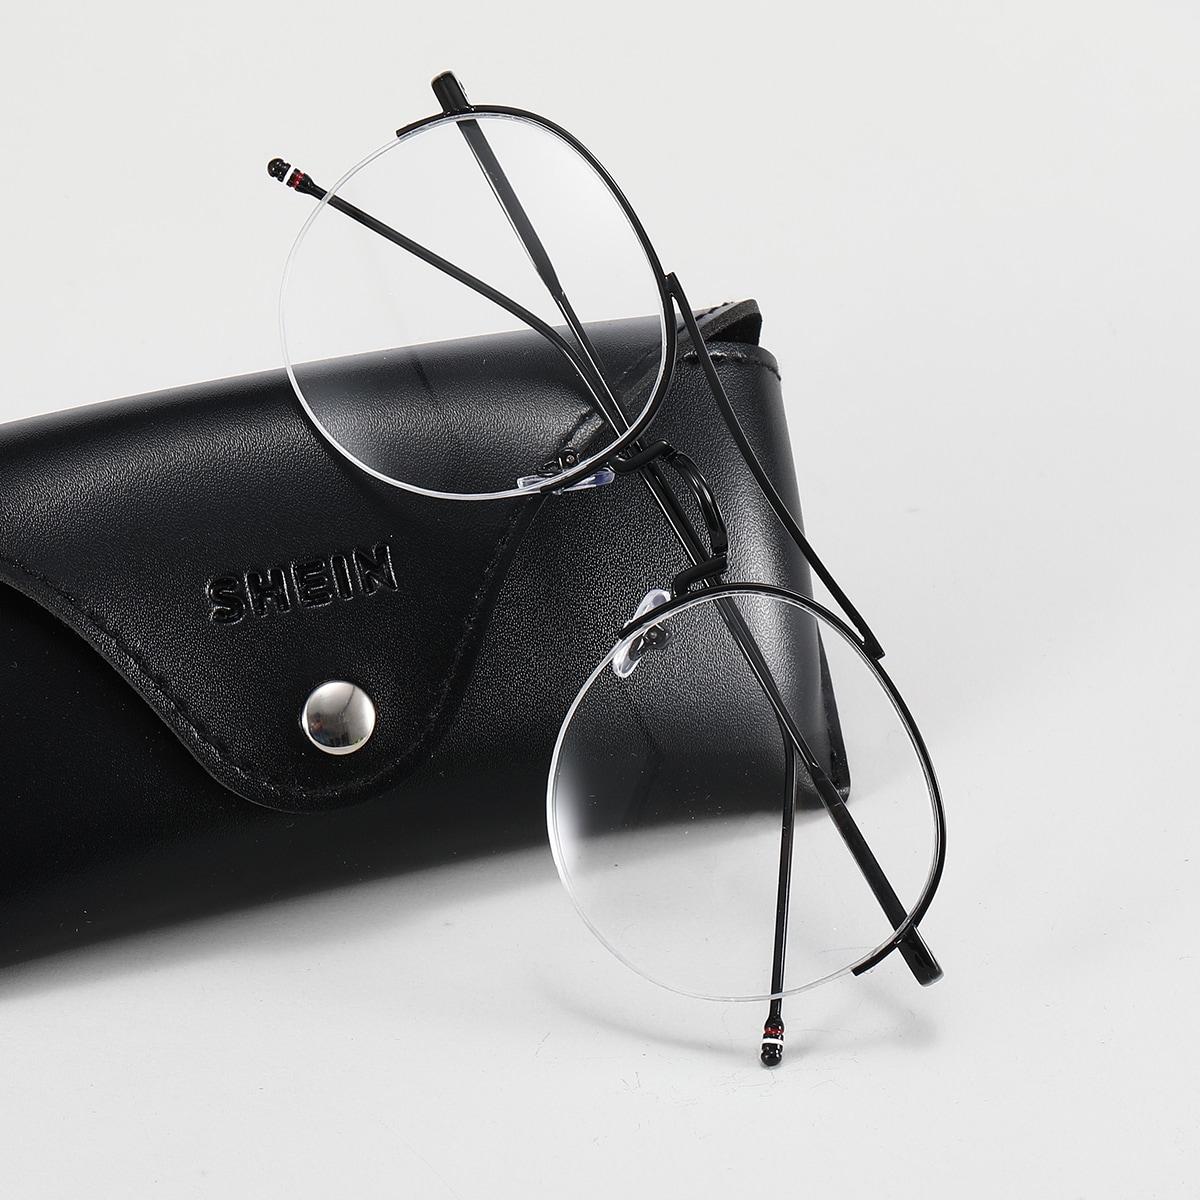 shein Kacamata Bingkai Bulat Pria